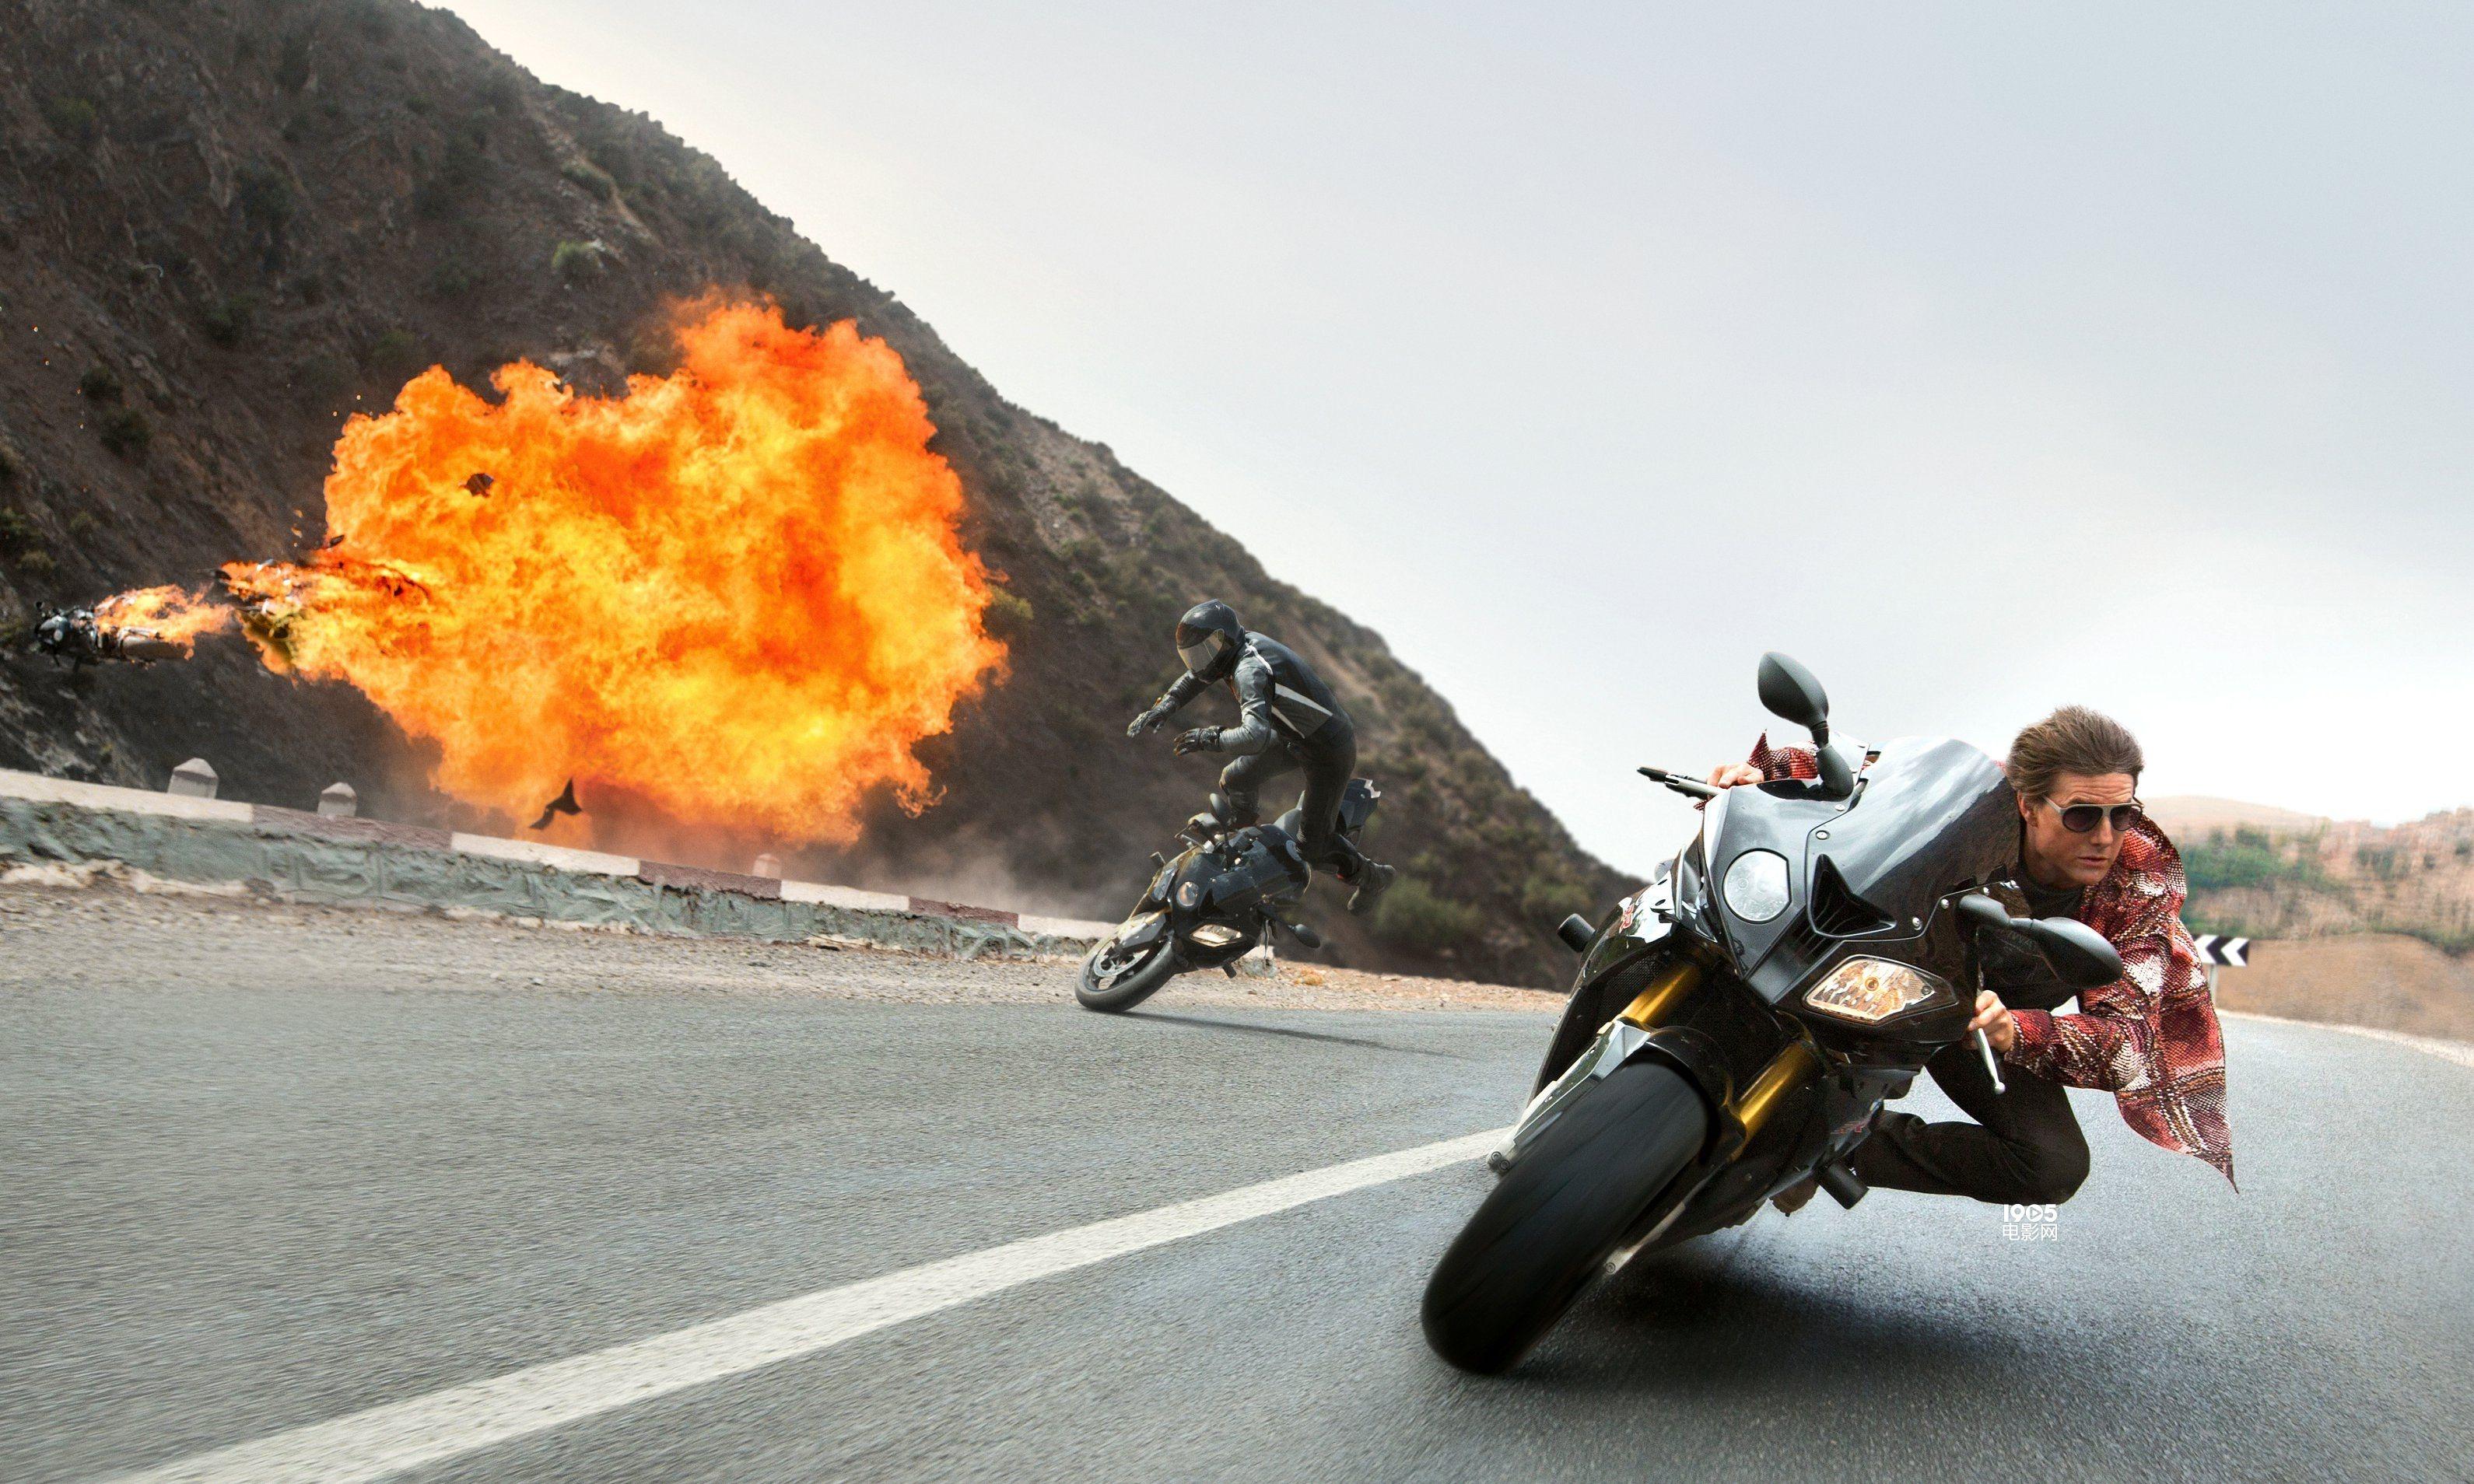 《碟5》上映10天9连冠 摩托飞车特辑再现惊险刹那